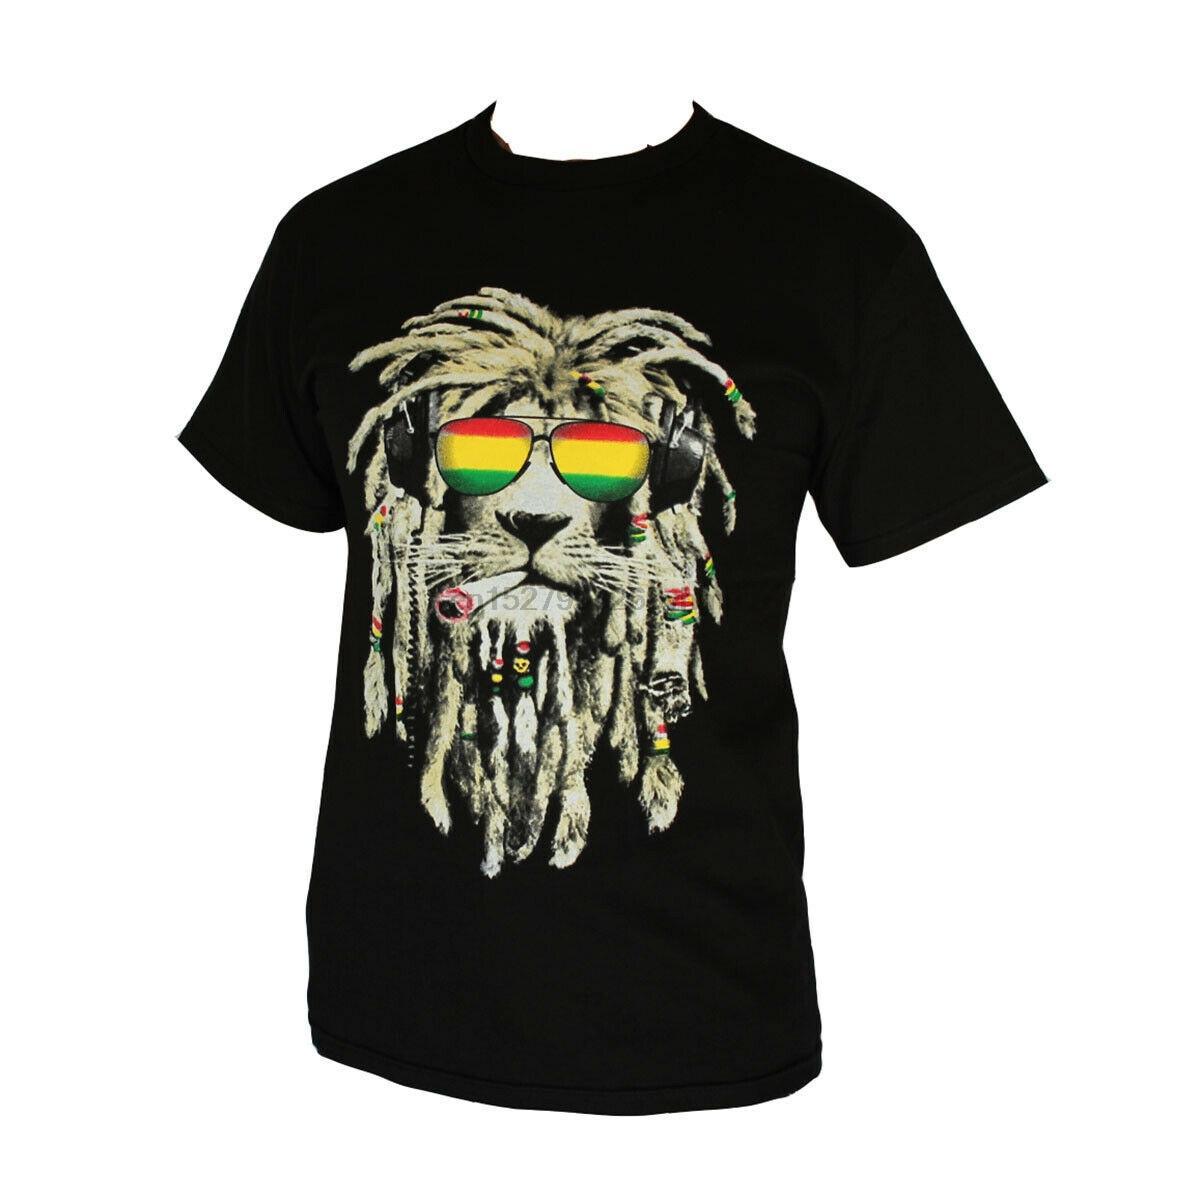 Tops T Shirt Frauen dein leben nervt streu glitzer drauf Lustiger weißer Baumwolle weiblich T-Shirt